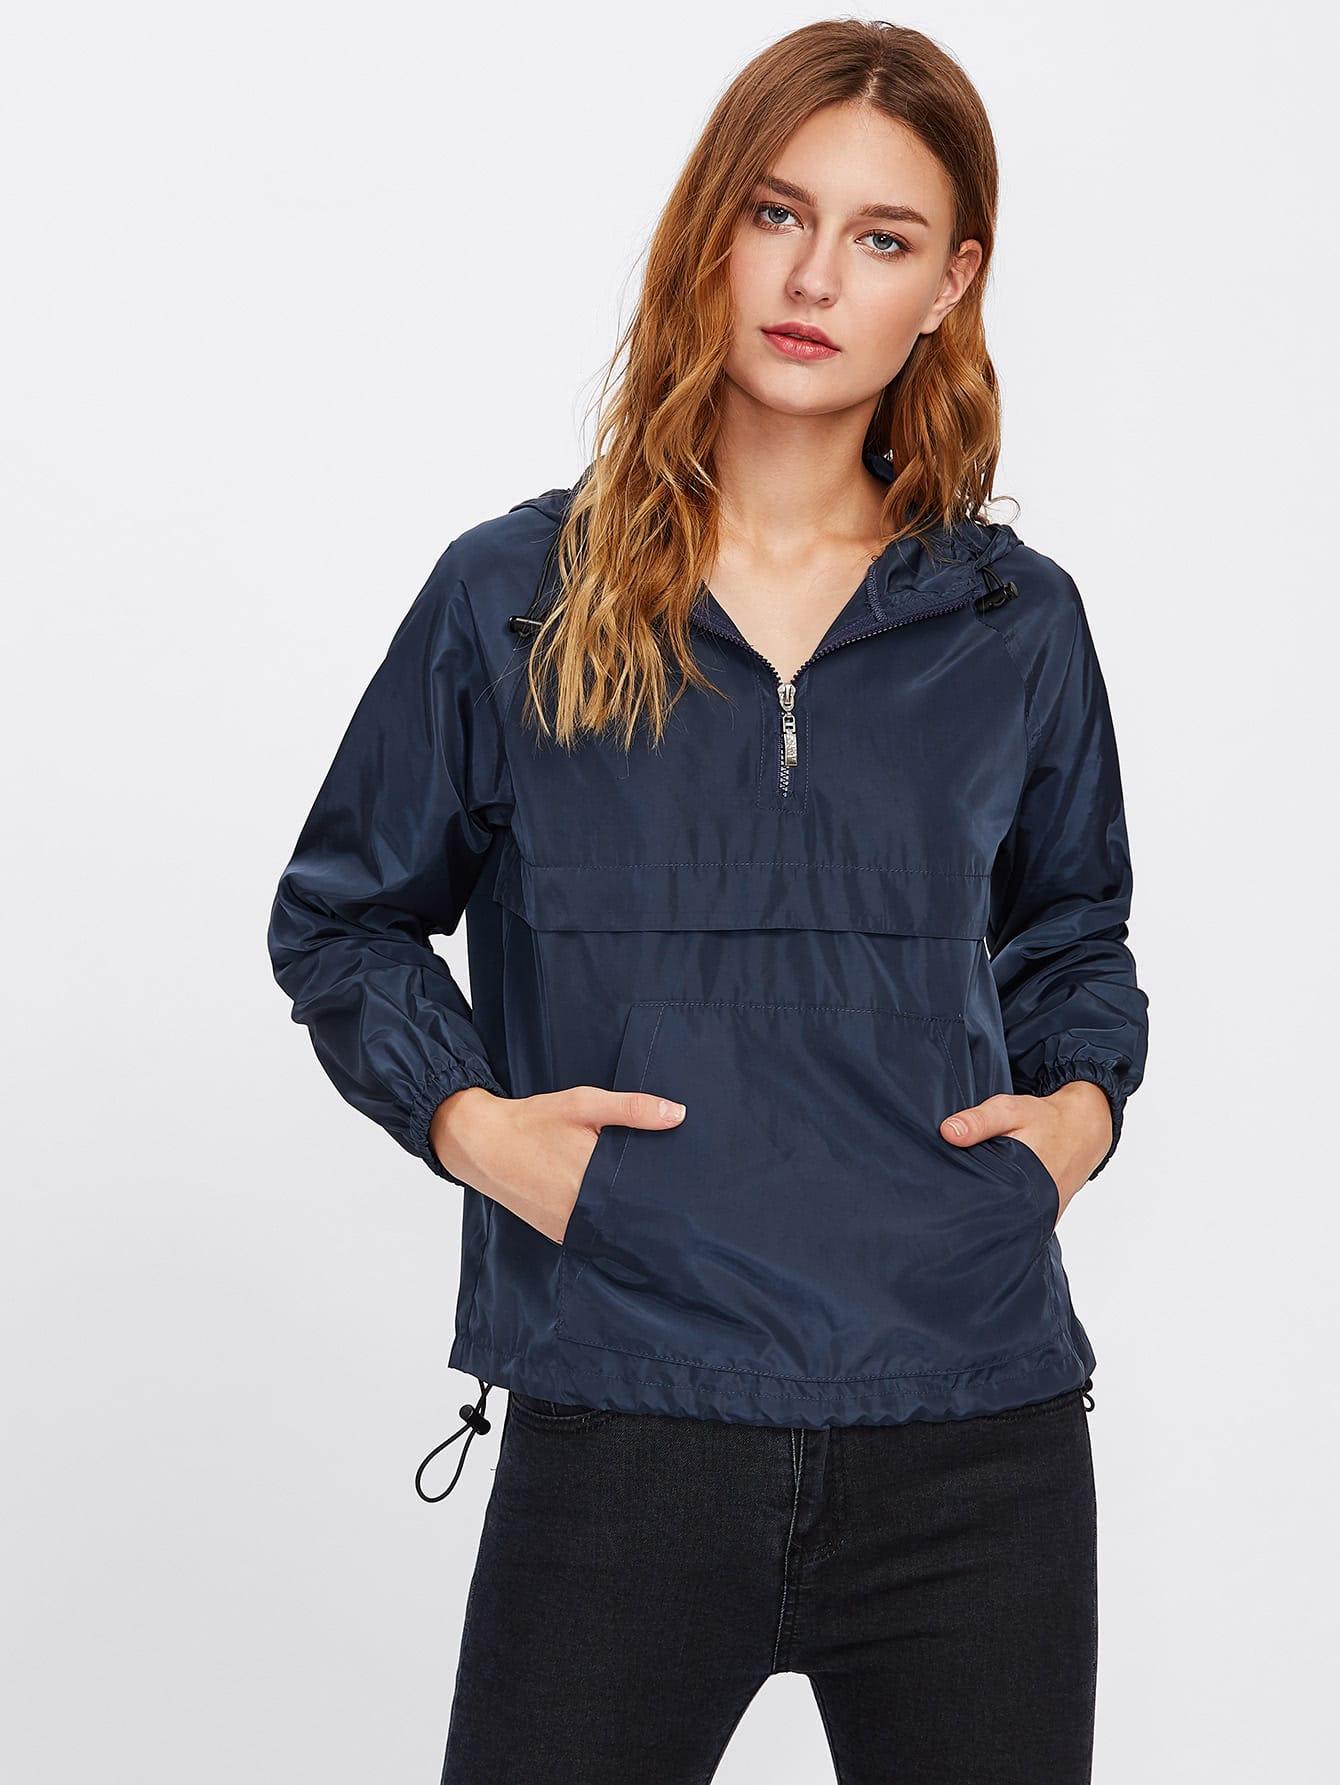 Pocket Front Drawstring Hem Hooded Windbreaker Pullover tree print drawstring hem hooded blouse